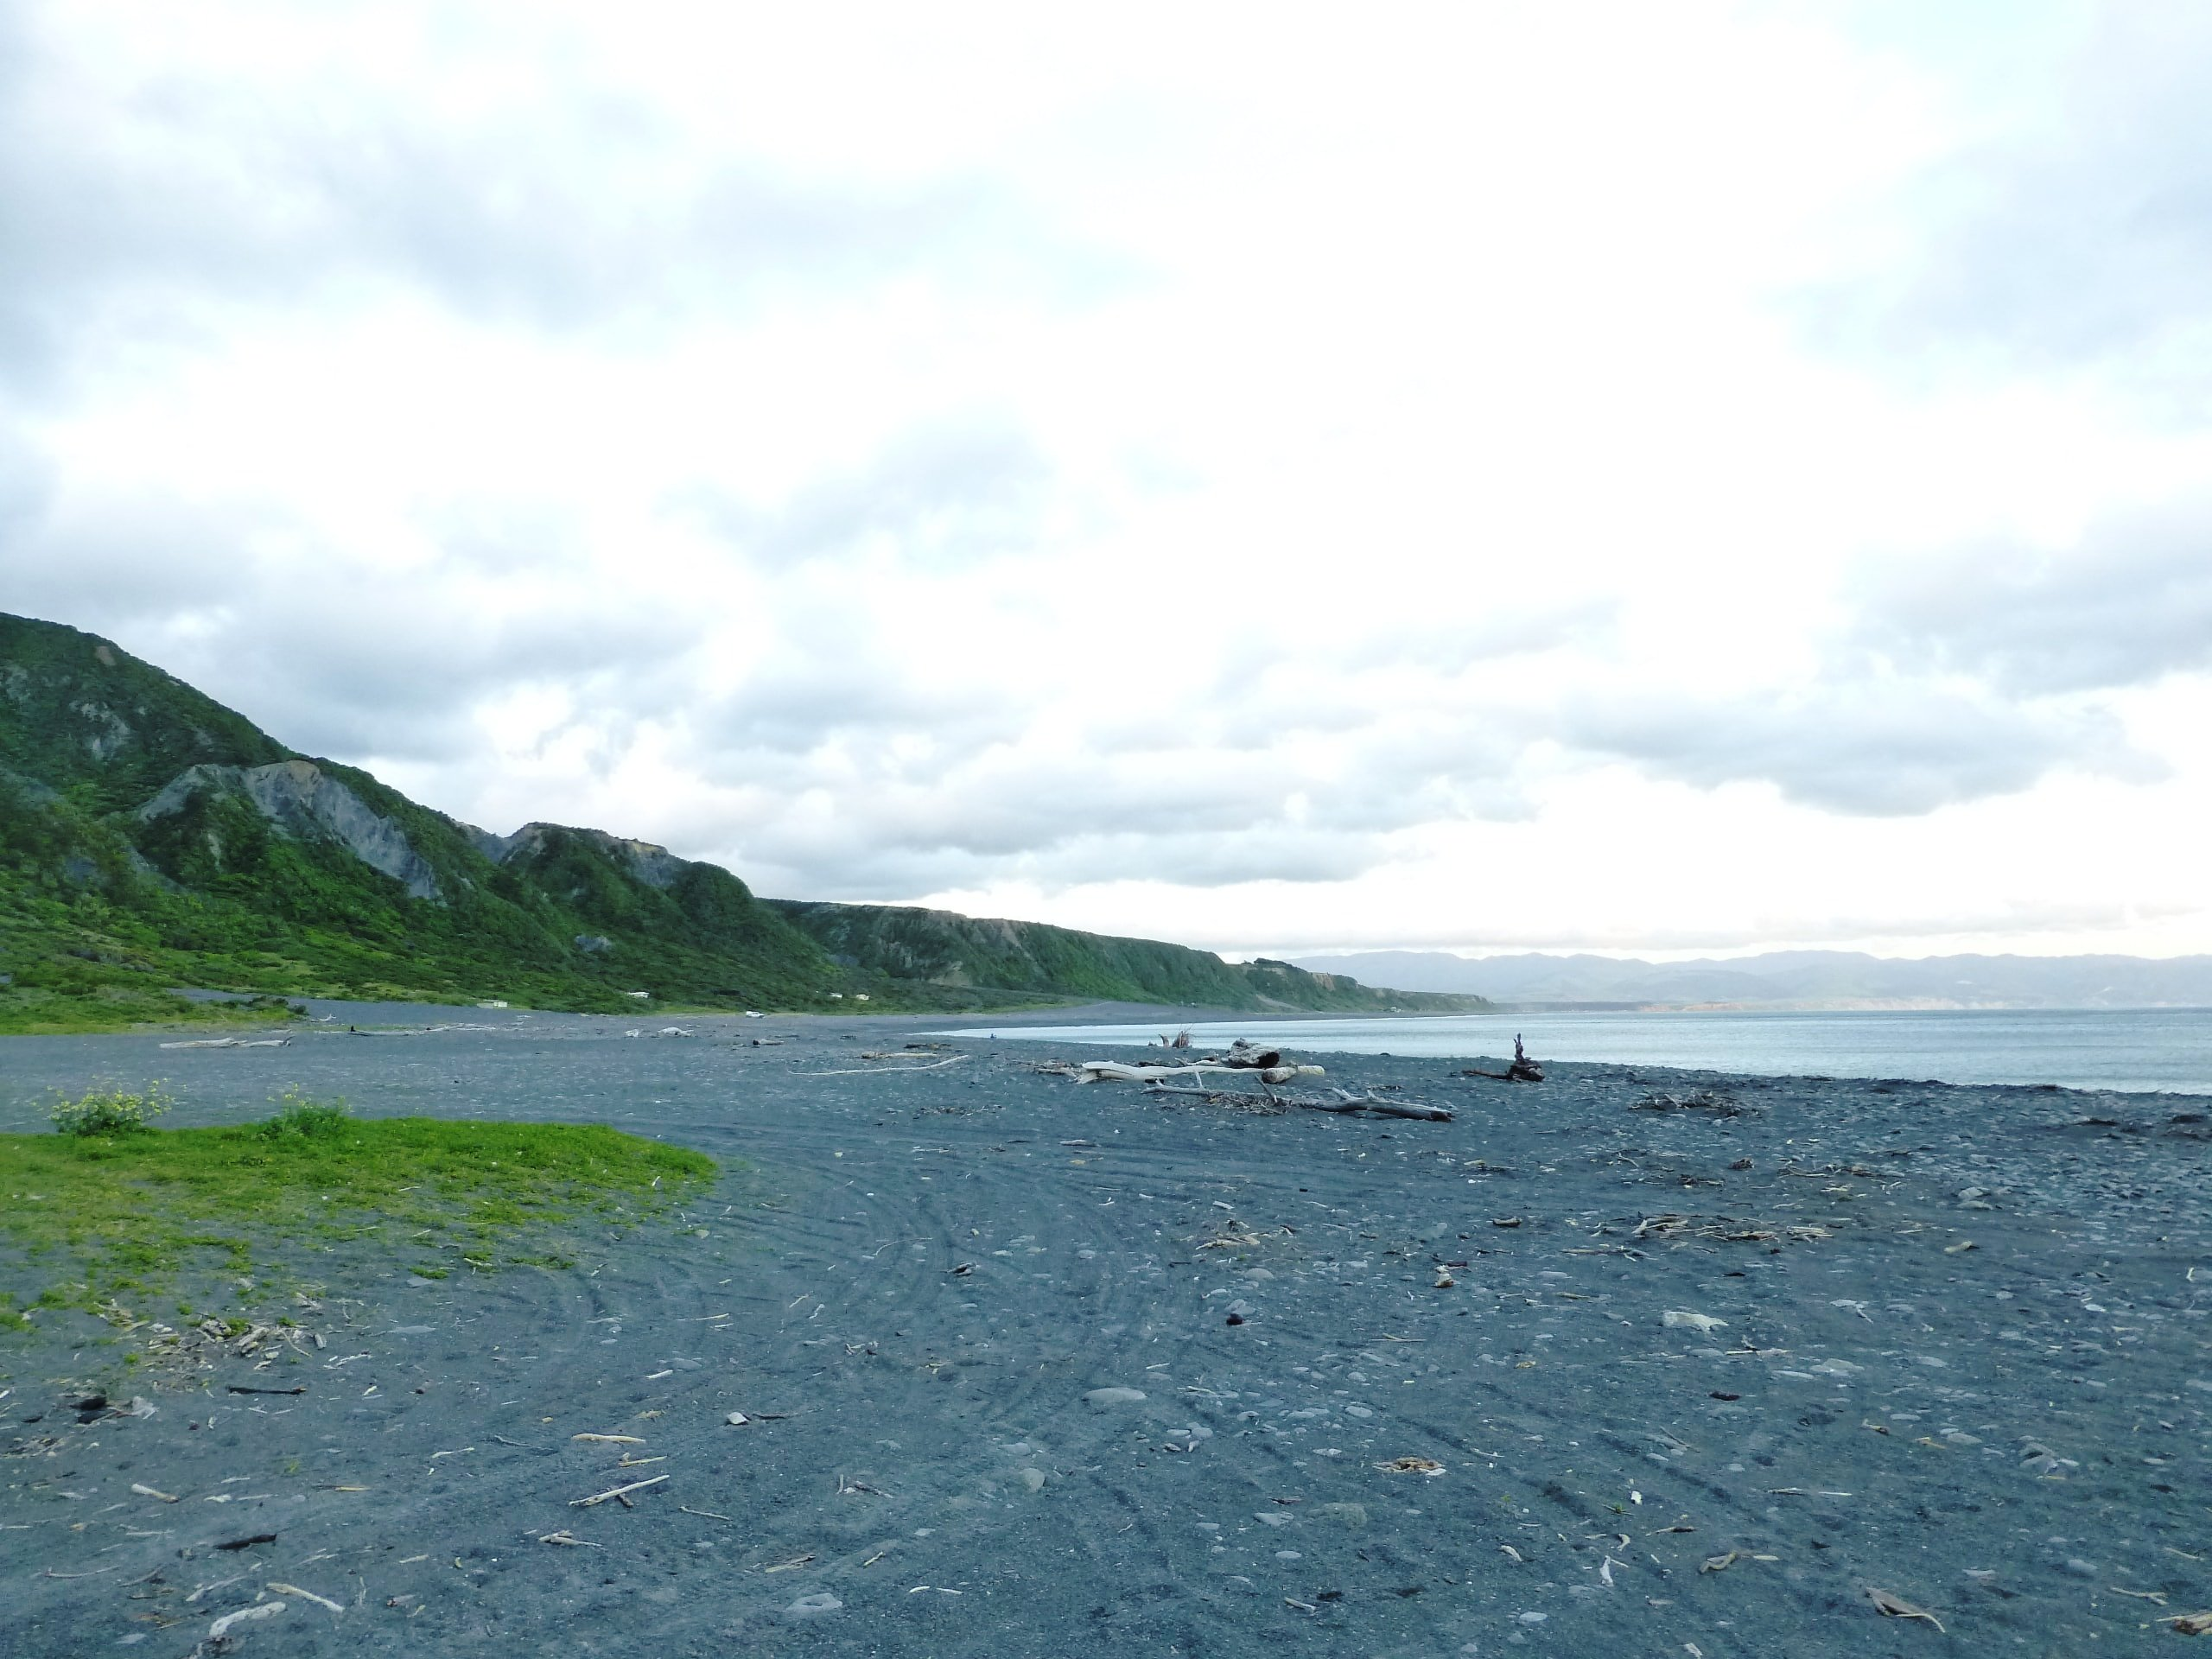 Weit-weg.reisen, Palliser Bay bei Corner Creek 2